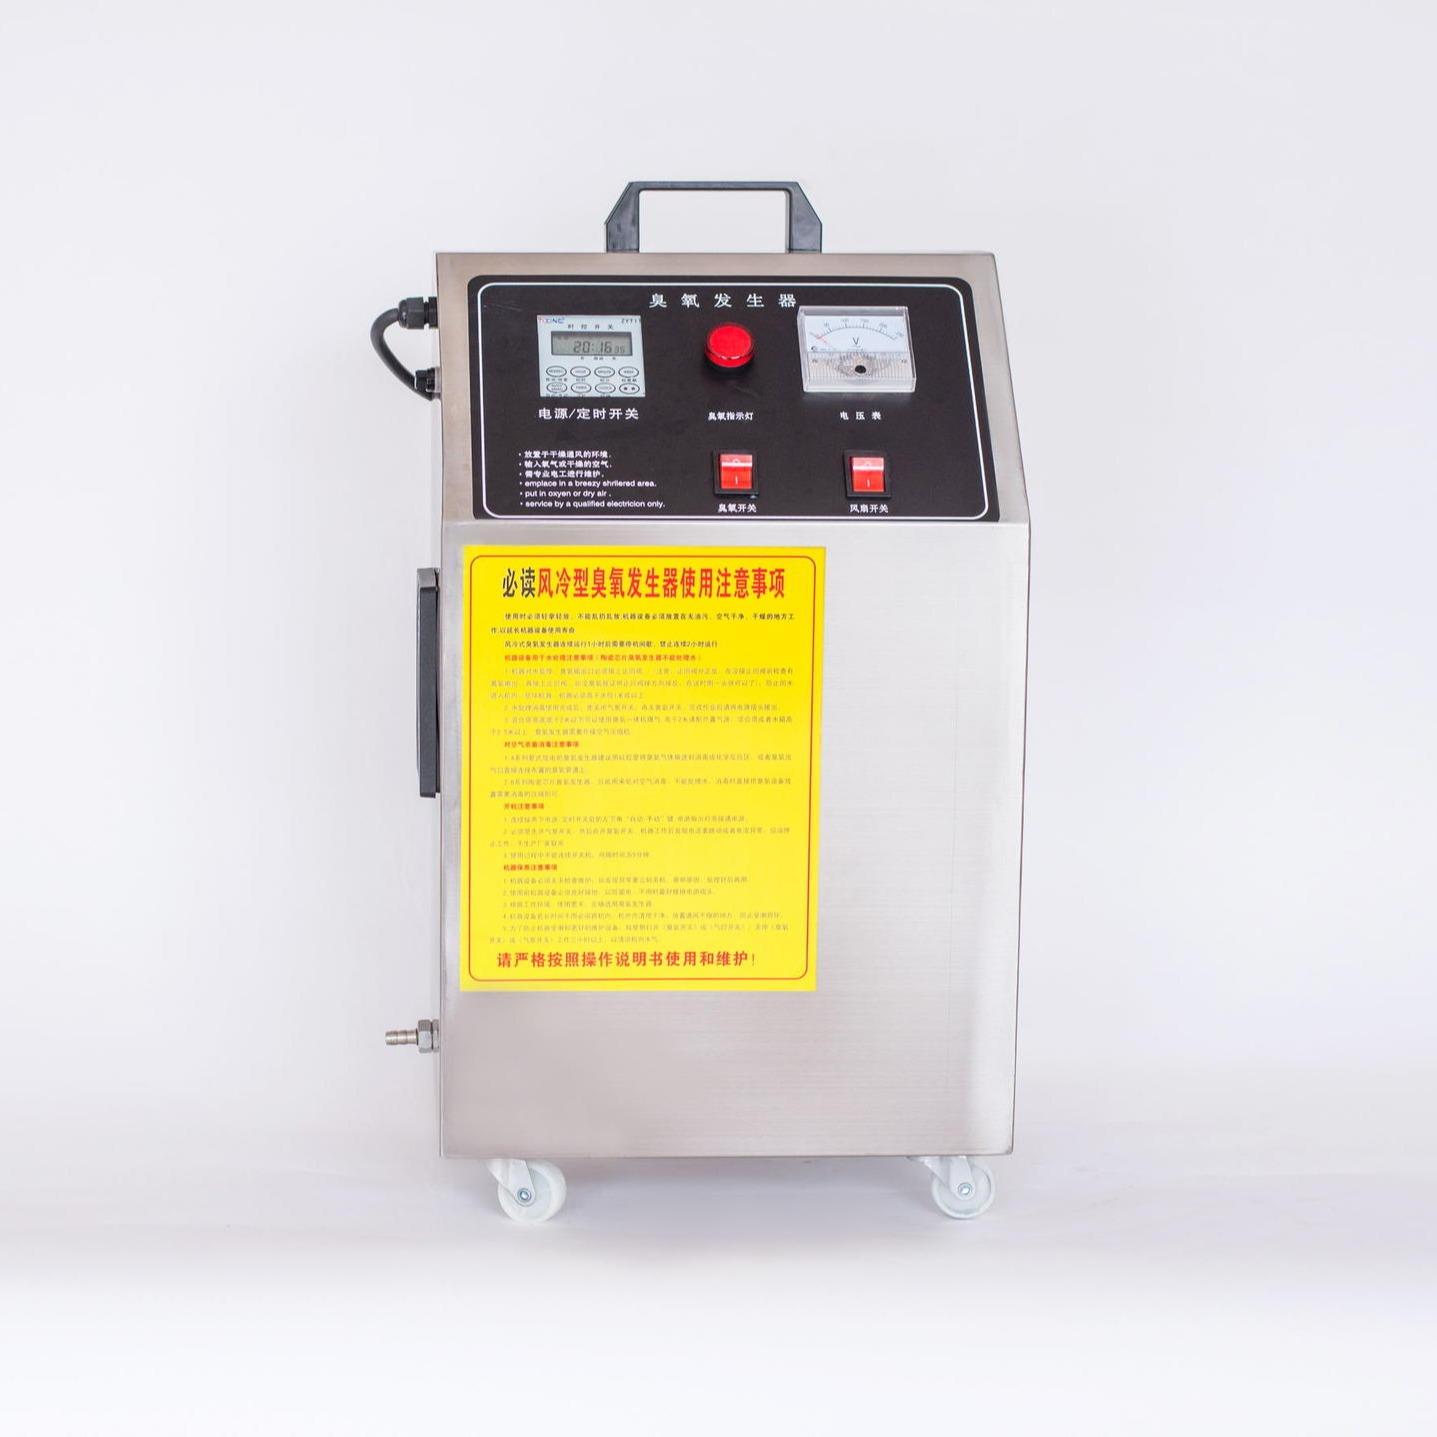 格瑞特Grt-004-5g臭氧消毒機 安順臭氧發生器制造商 臭氧發生器